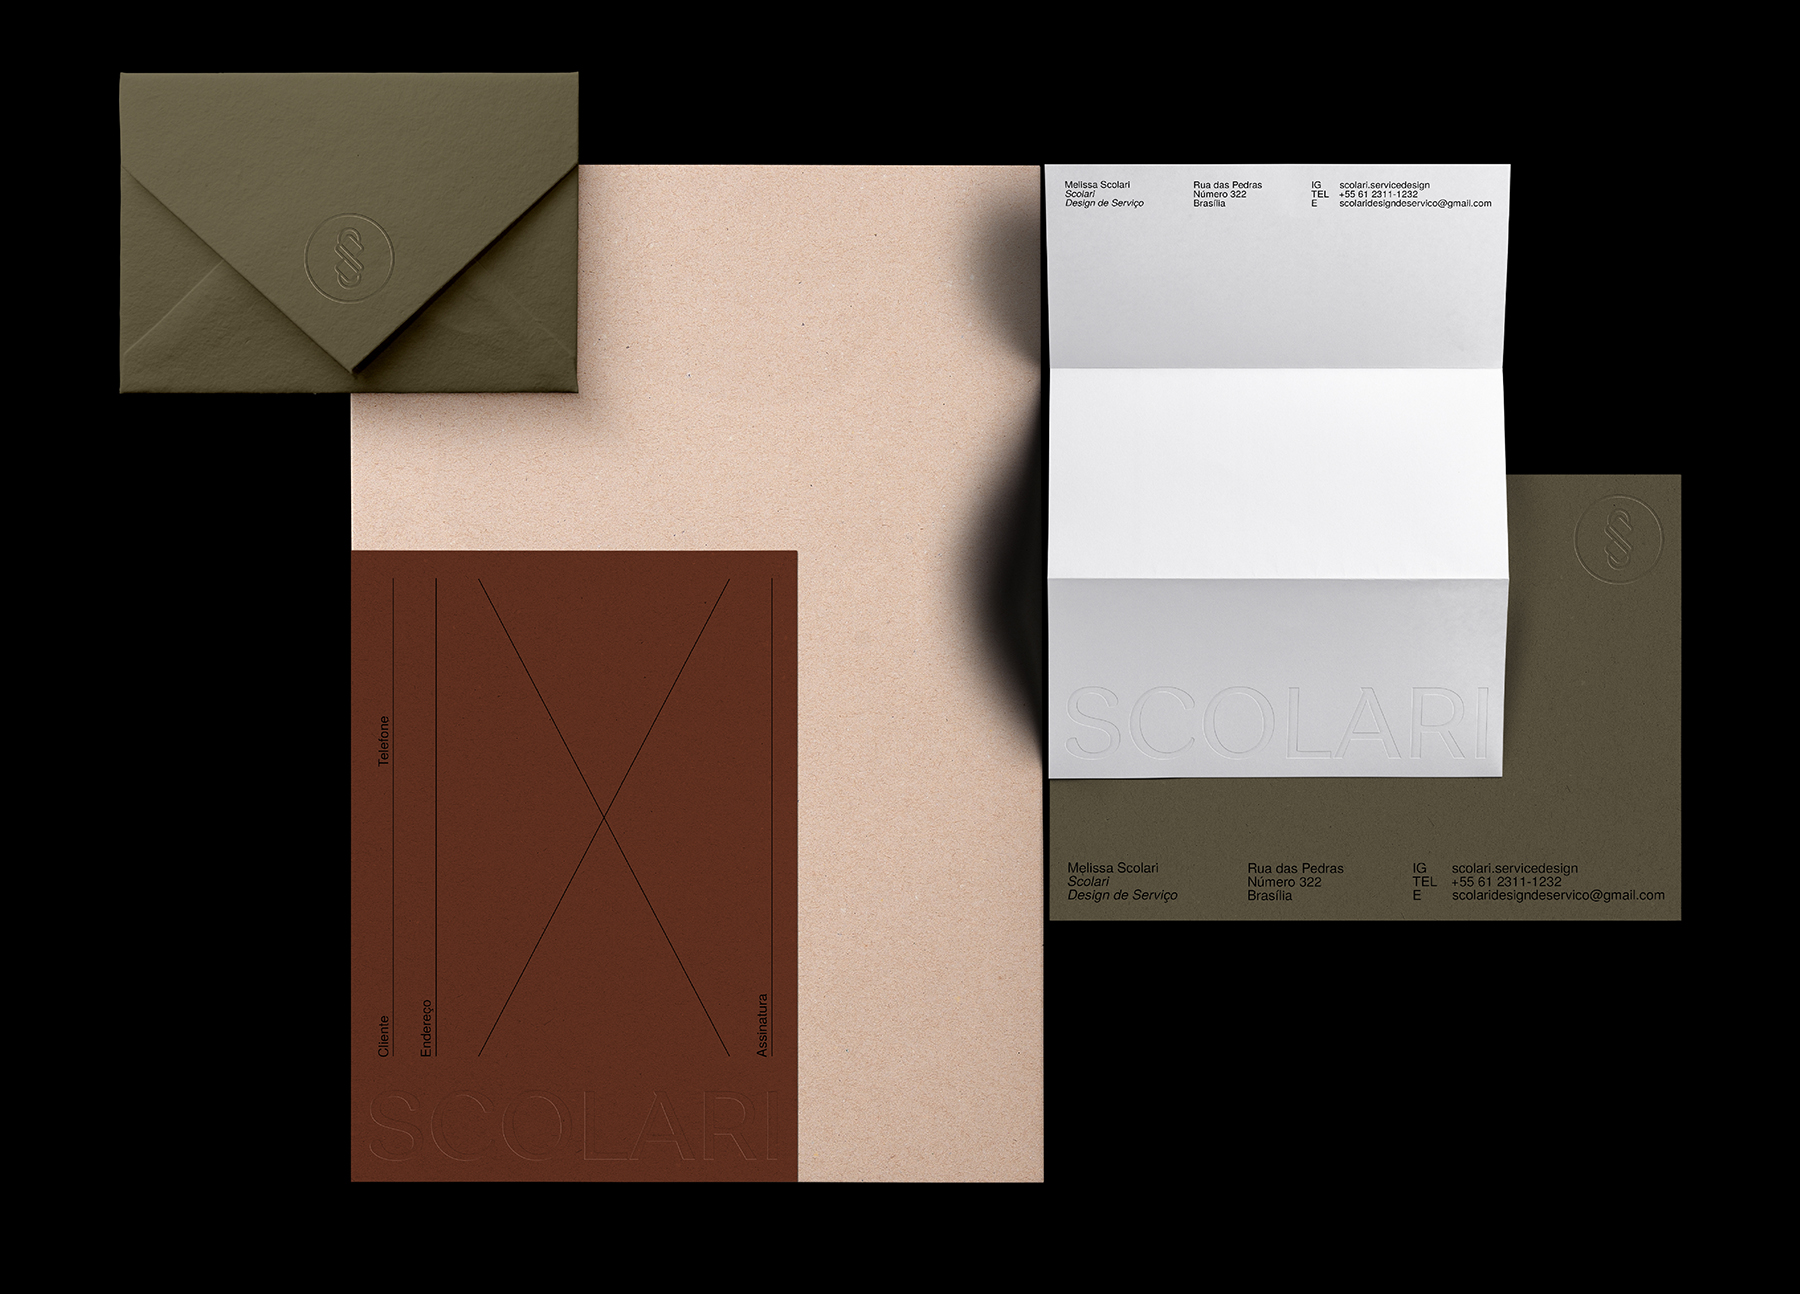 Rafael Cardoso Design Create Brand Identity for Scolari Service Design